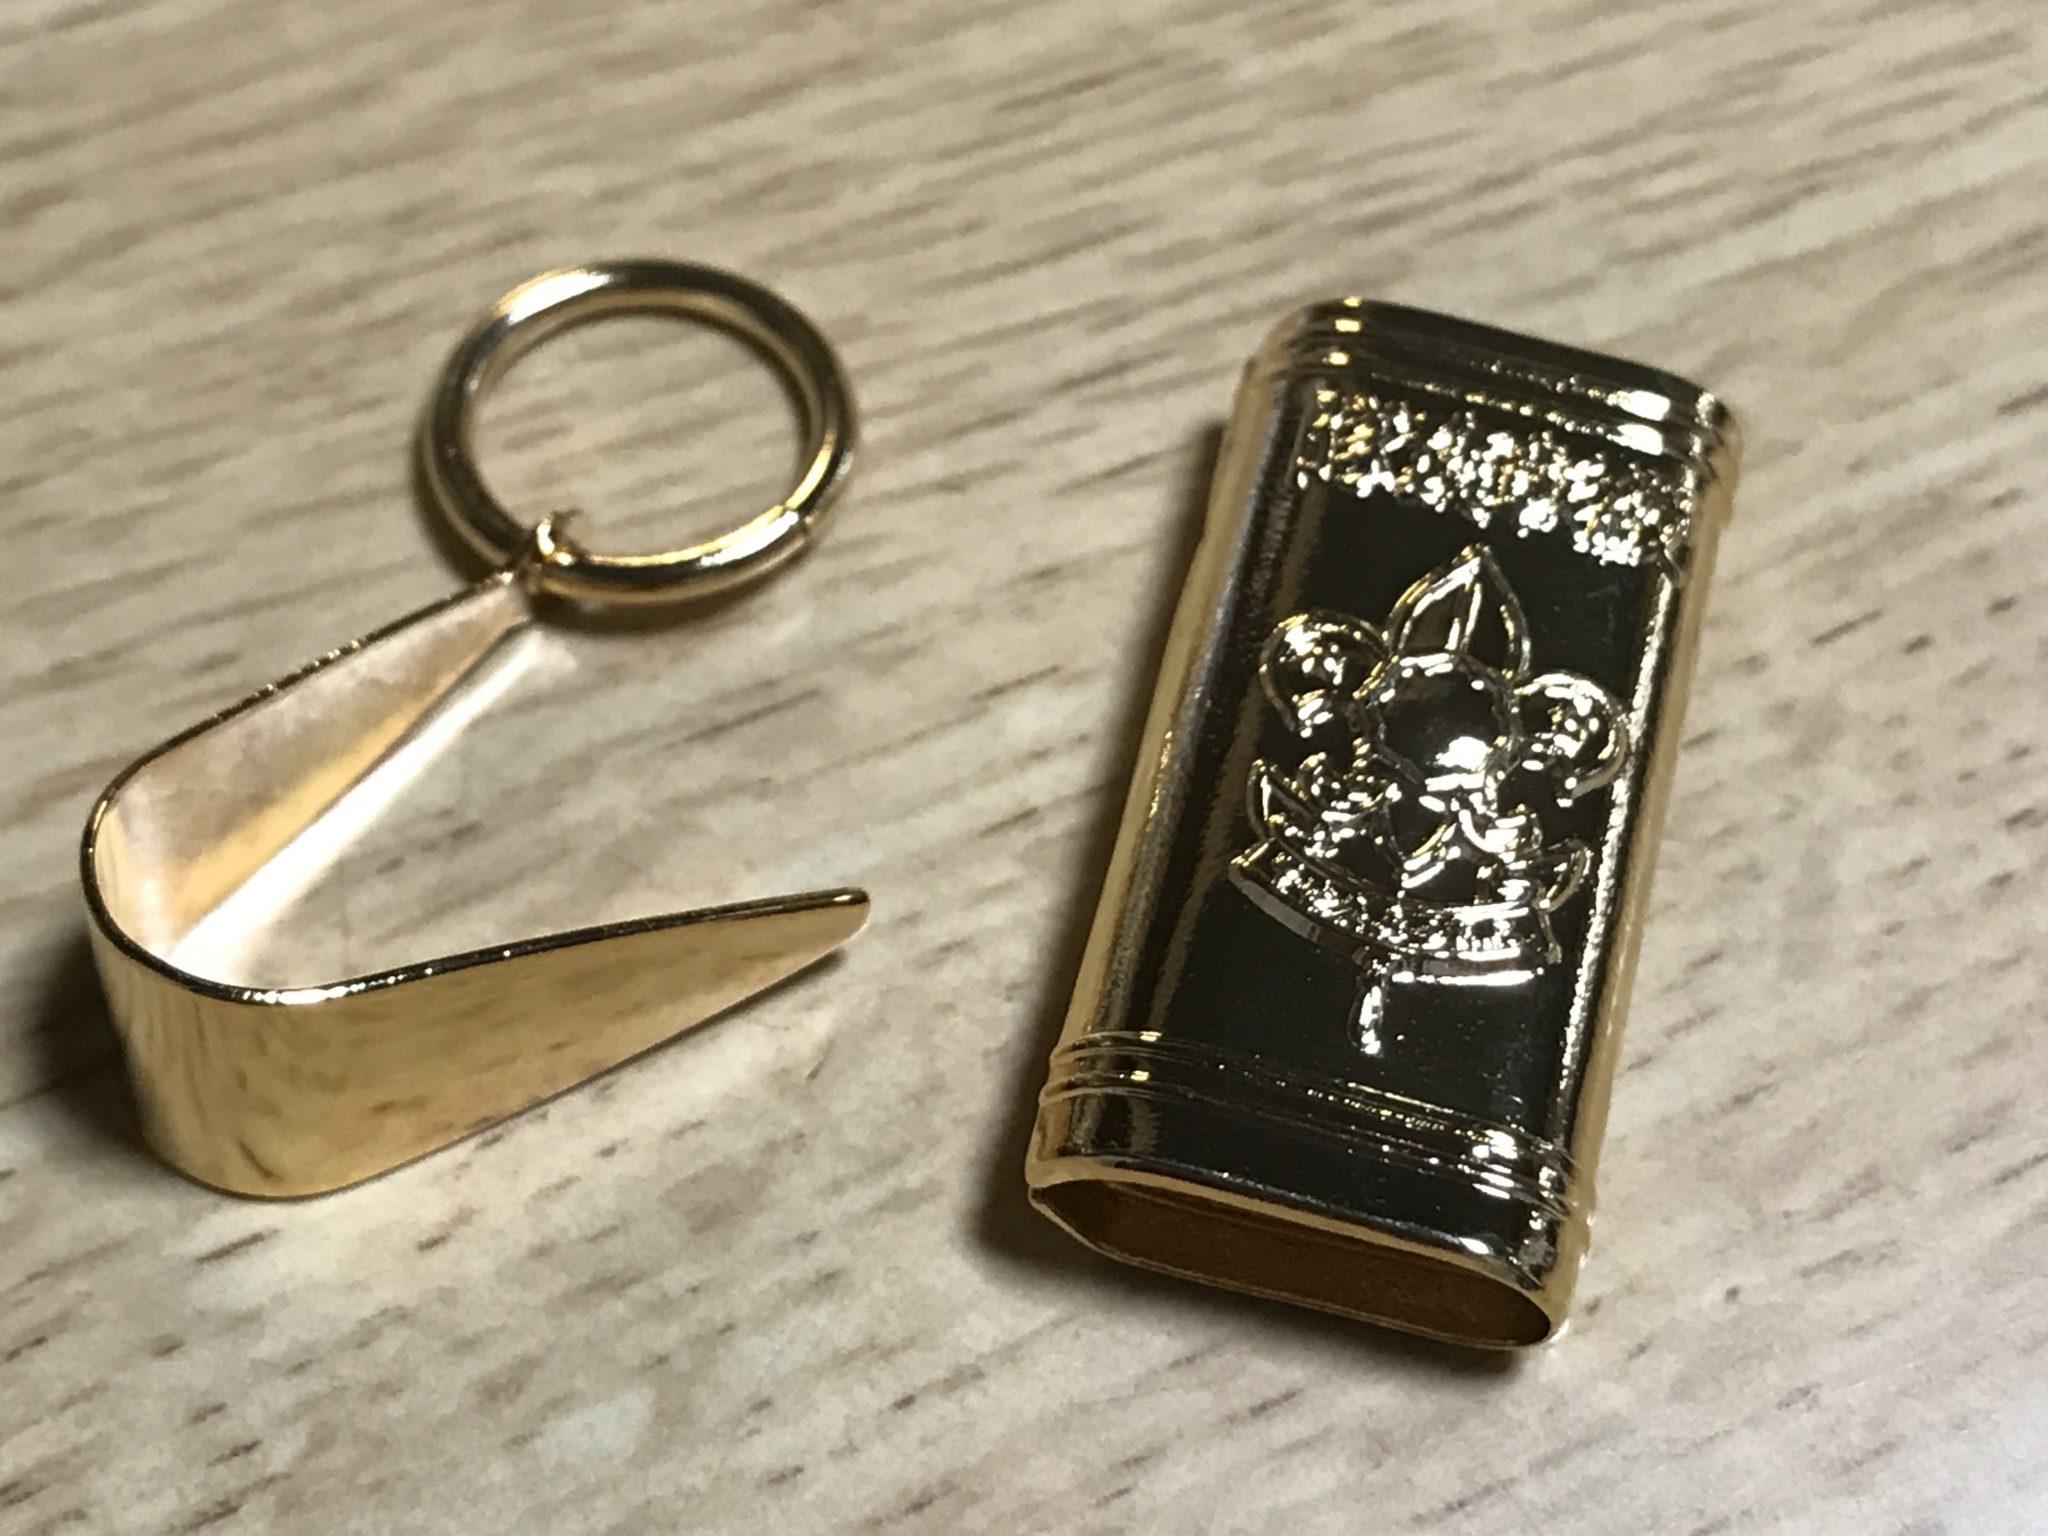 隊褒彰綬環と金具